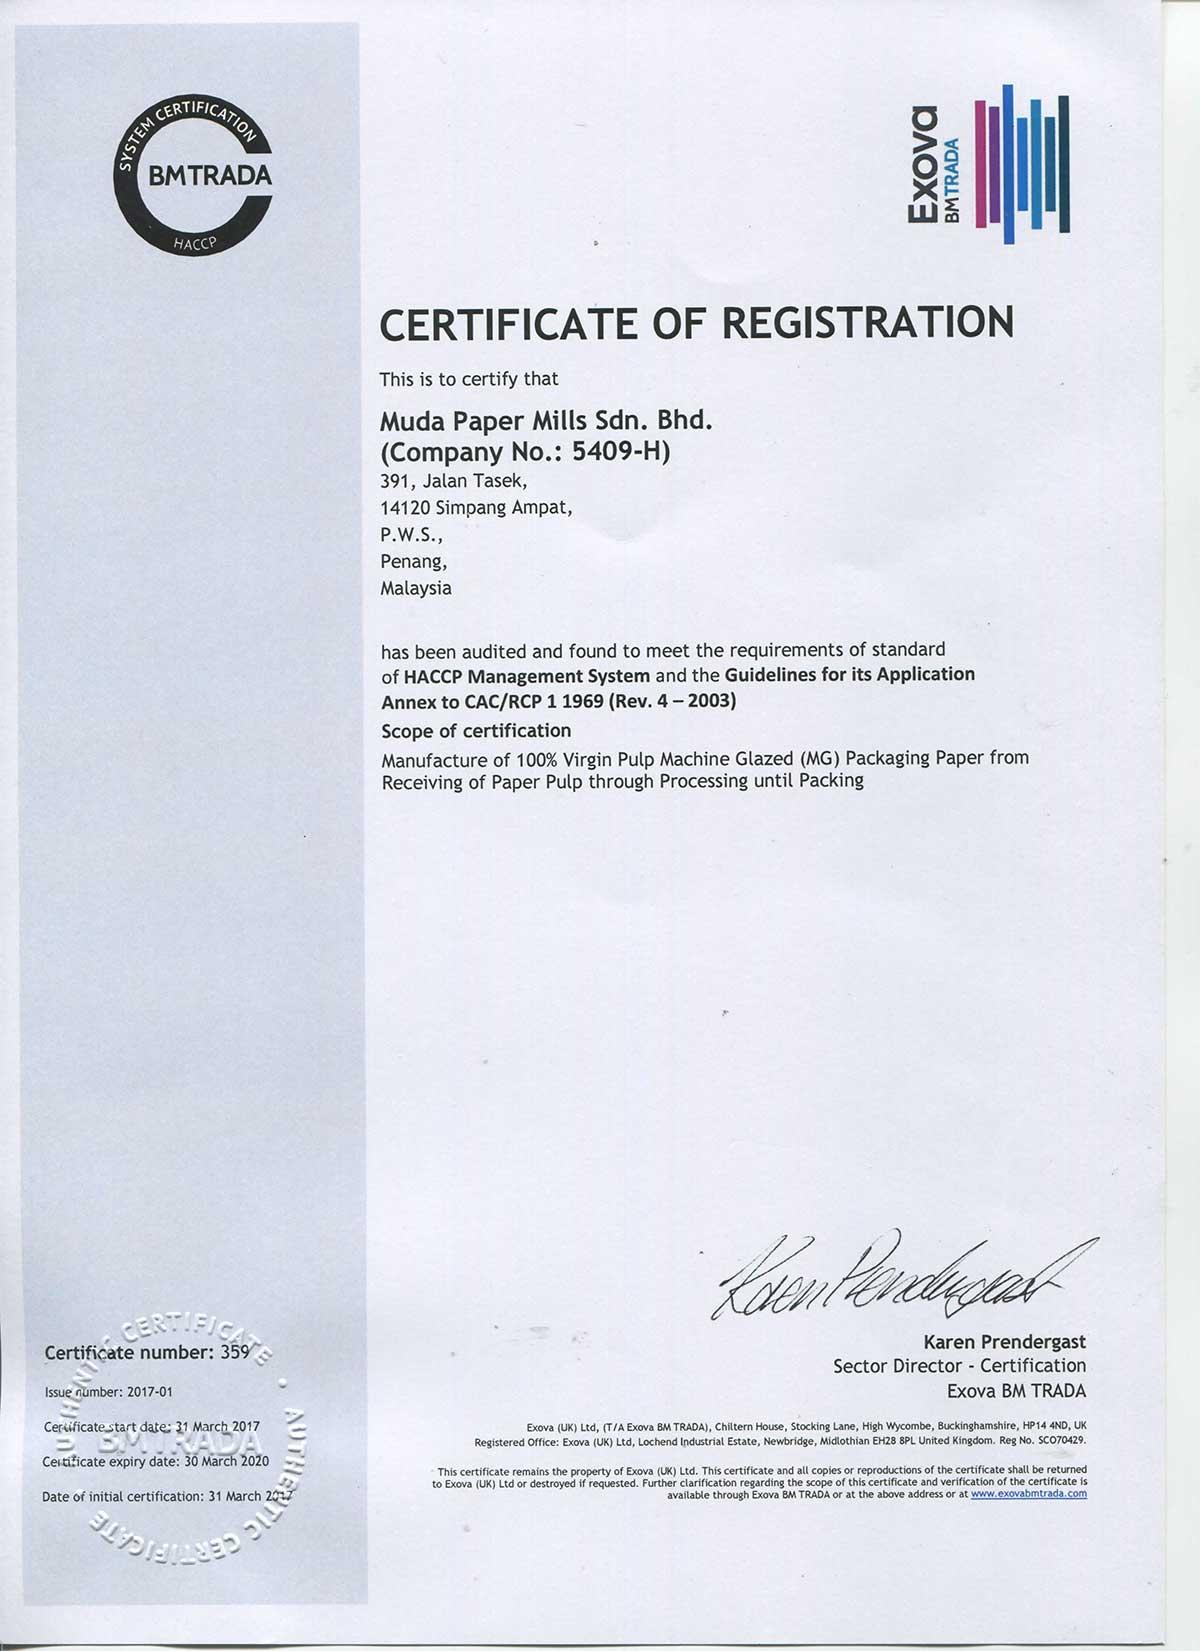 HACCP-cert-Muda-Paper-Mills